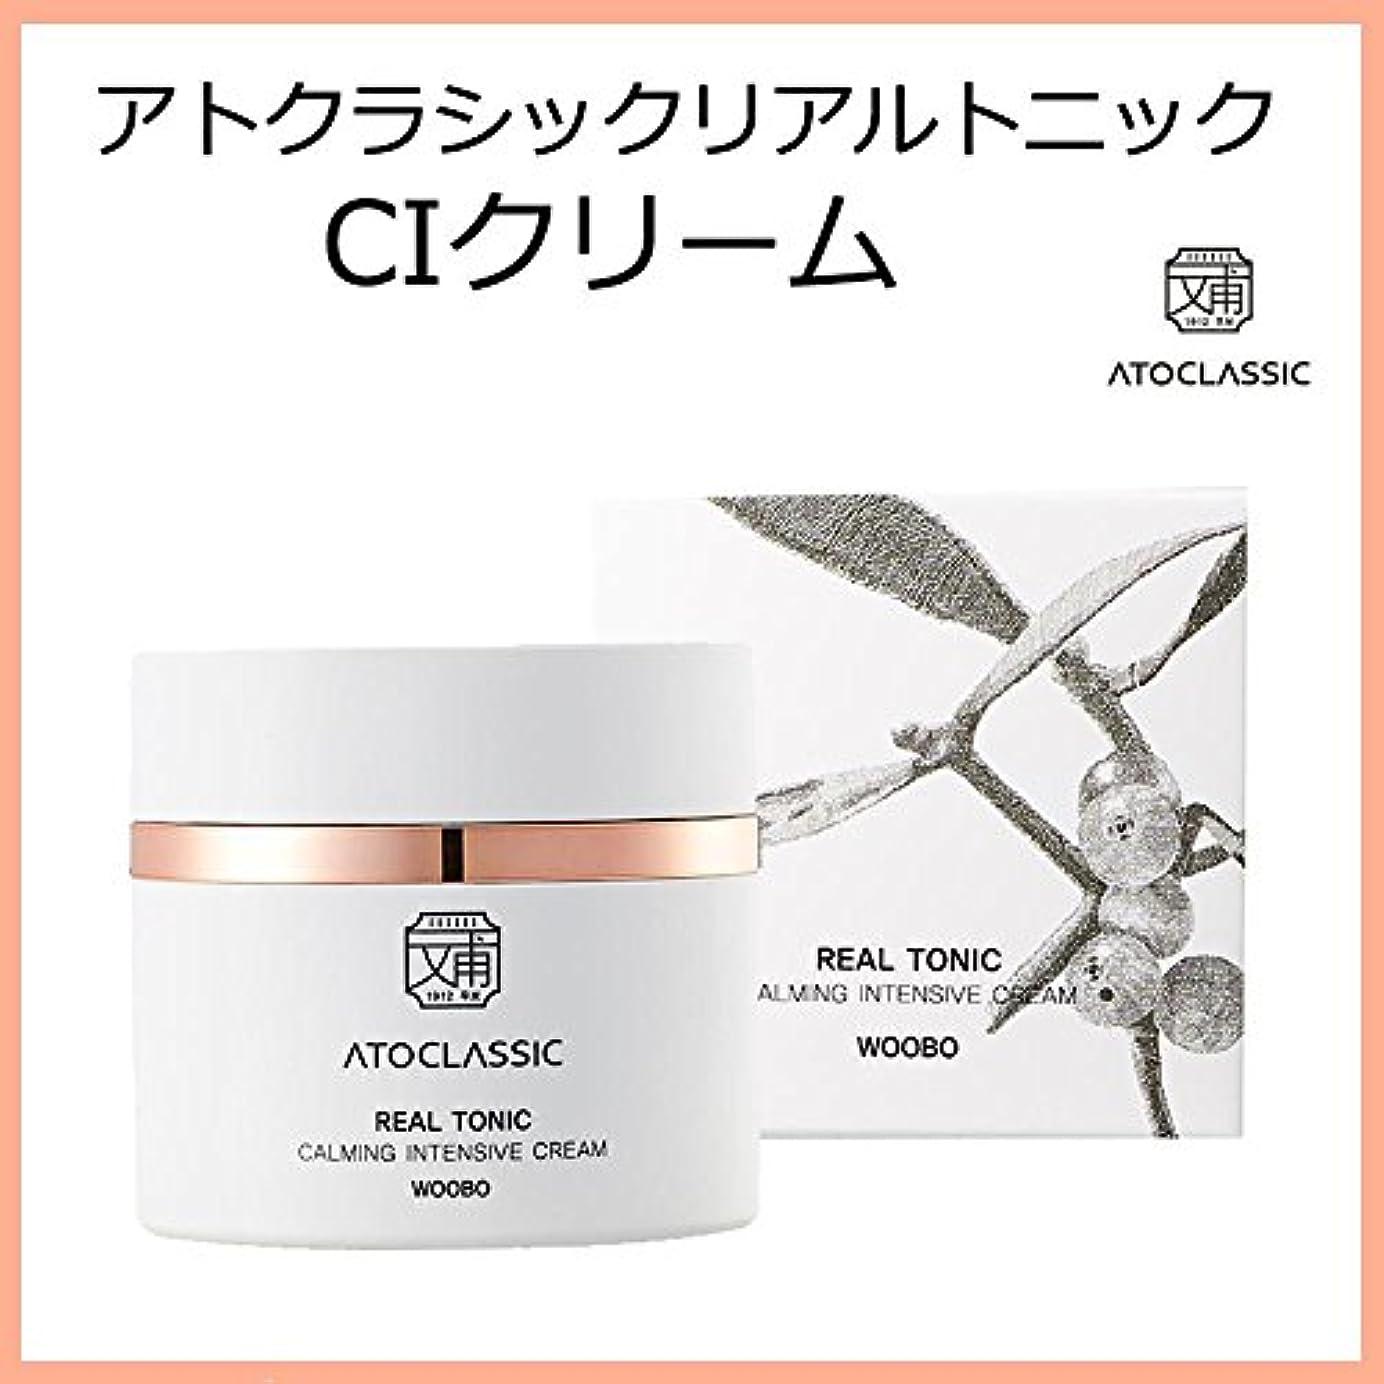 抹消コンパイル突撃韓国コスメ ATOCLASSIC アトクラシックリアルトニック CIクリーム(Calming Intensive Cream) 50ml